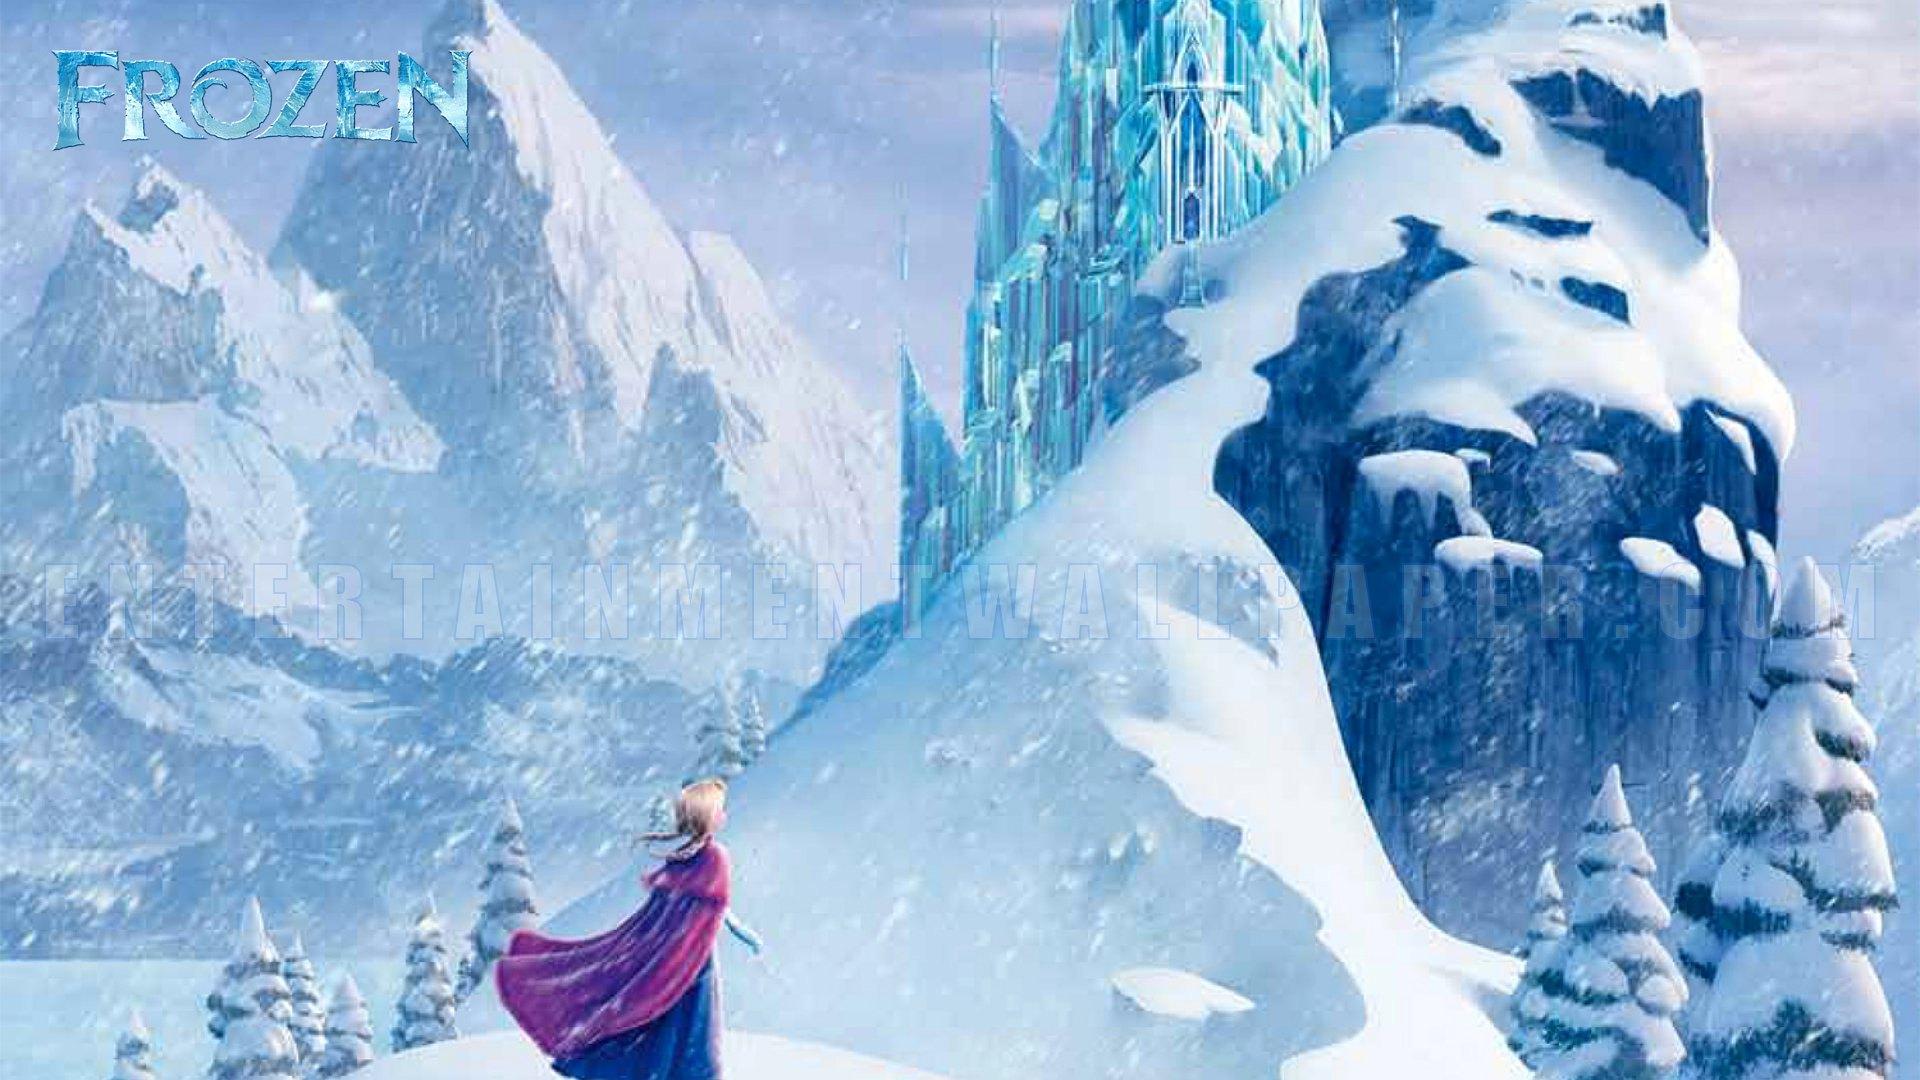 Disney Frozen Wallpaper Free